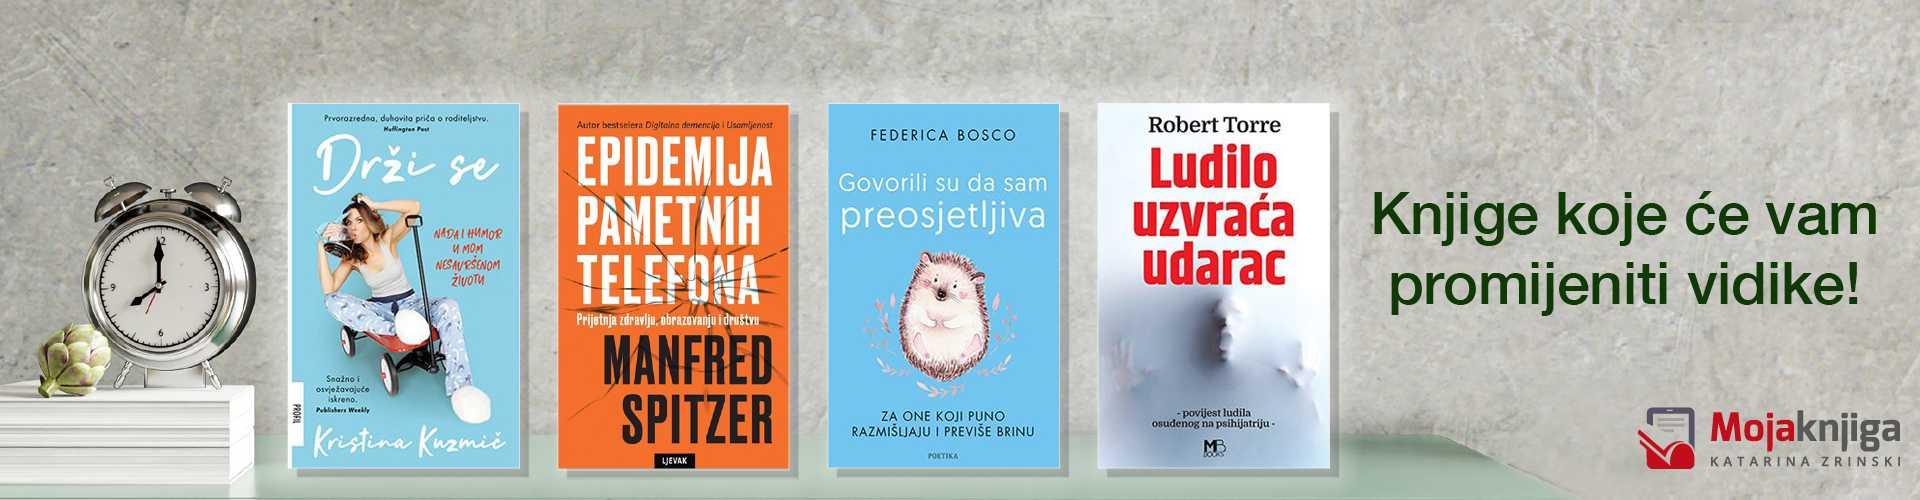 Knjige koje će vam promijeniti vidike 2021 1920-500